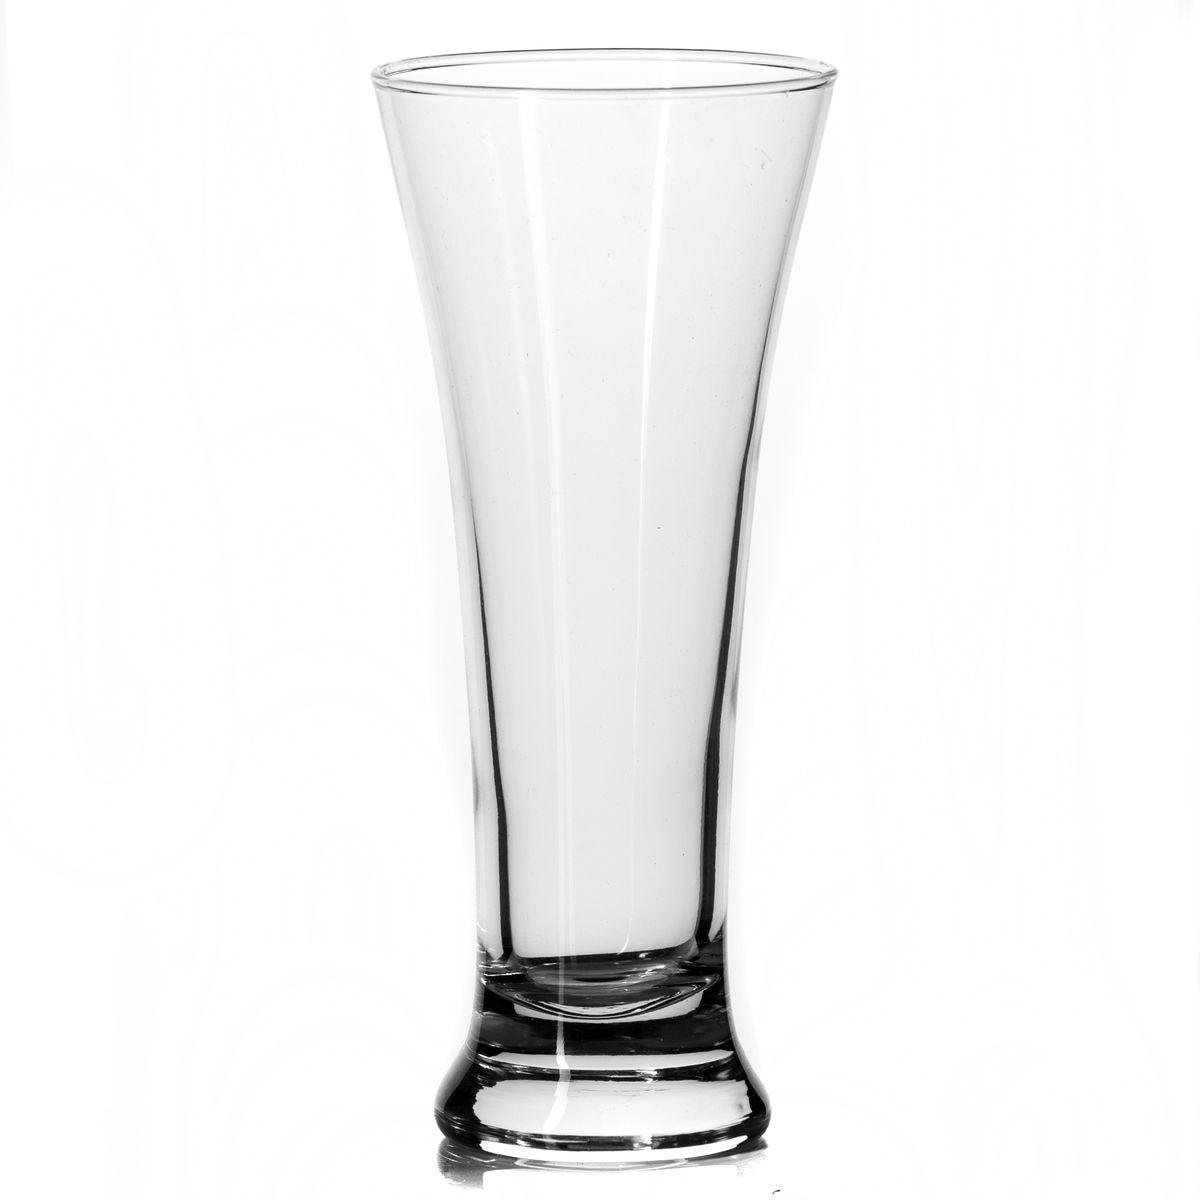 Набор бокалов для пива Pasabahce Pub, 300 мл, 3 шт42199BНабор Pasabahce Pub состоит из трех бокалов, выполненных из прочного натрий-кальций-силикатного стекла. Бокалы, оснащенные утолщенным дном, предназначены для подачи пива. Такой набор прекрасно подойдет для любителей пенного напитка. Можно мыть в посудомоечной машине и использовать в микроволновой печи. Высота бокала: 18 см. Диаметр бокала (по верхнему краю): 7,5 см. Диаметр дна: 5,5 см.